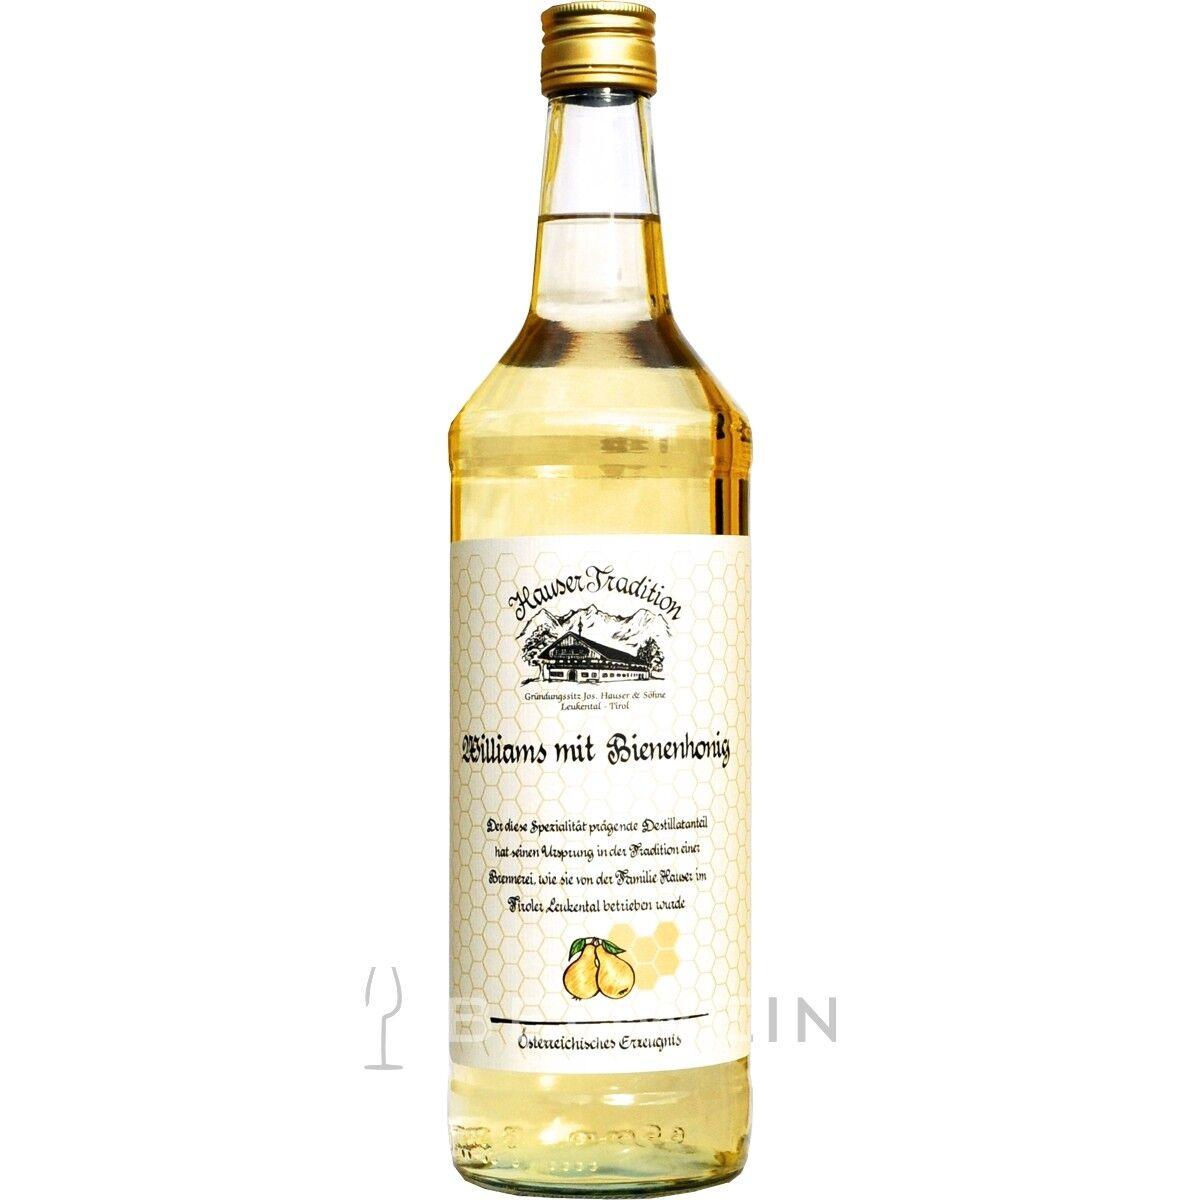 Hauser Tradition Williams mit Bienenhonig 1,0 l Obstler Williamsbirne Honig